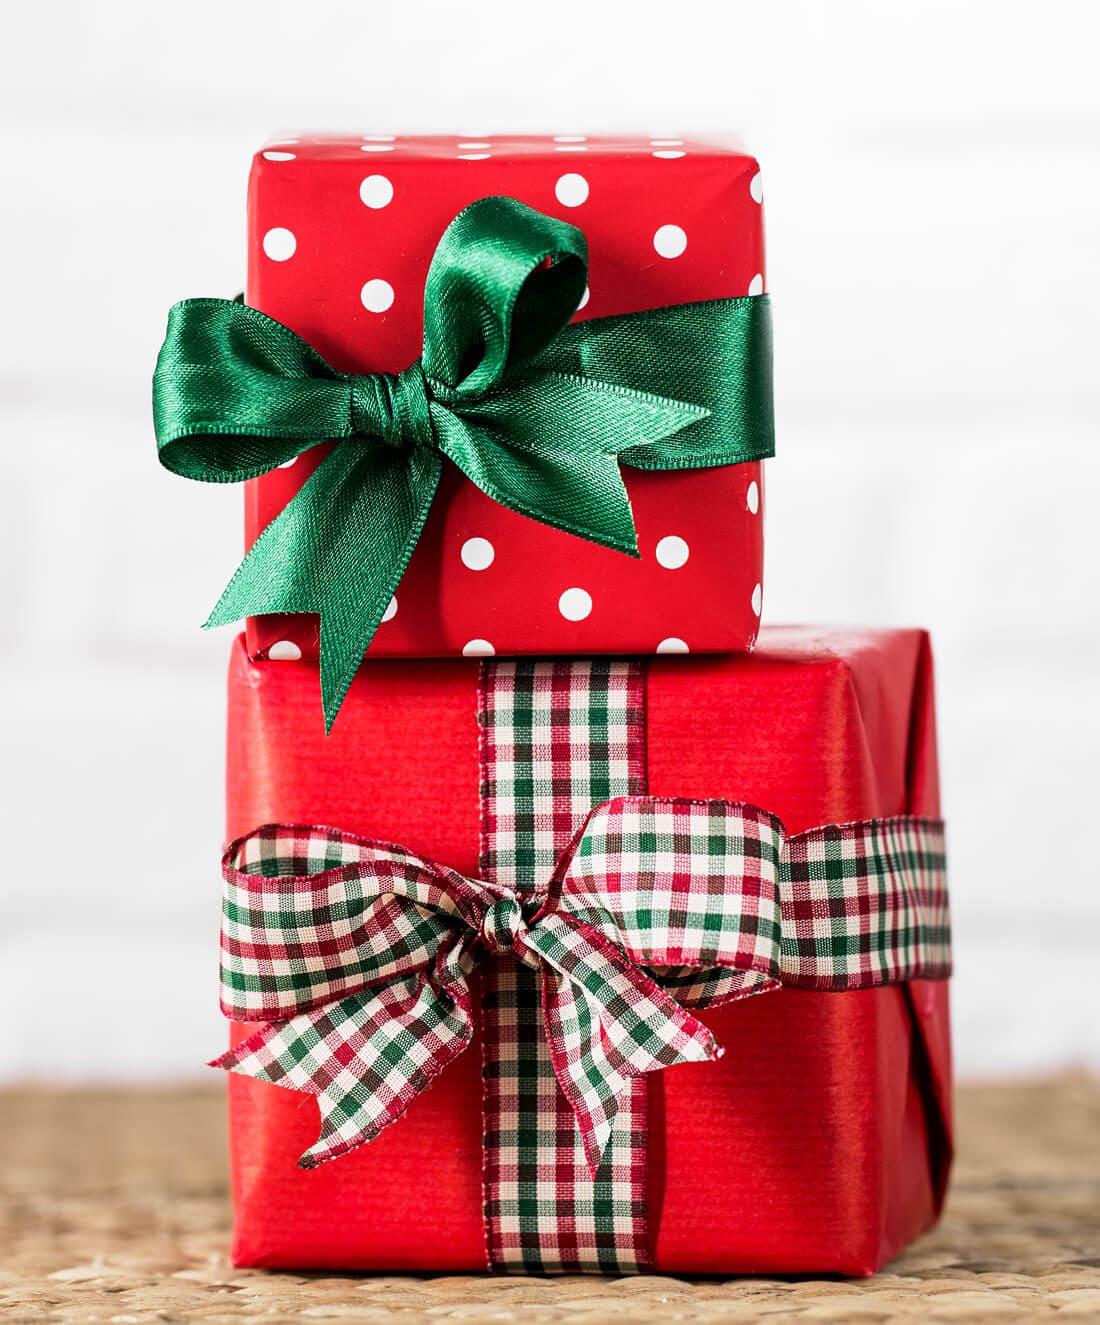 SEO продвижение производителя подарочной упаковки - кейс iPapus Agency